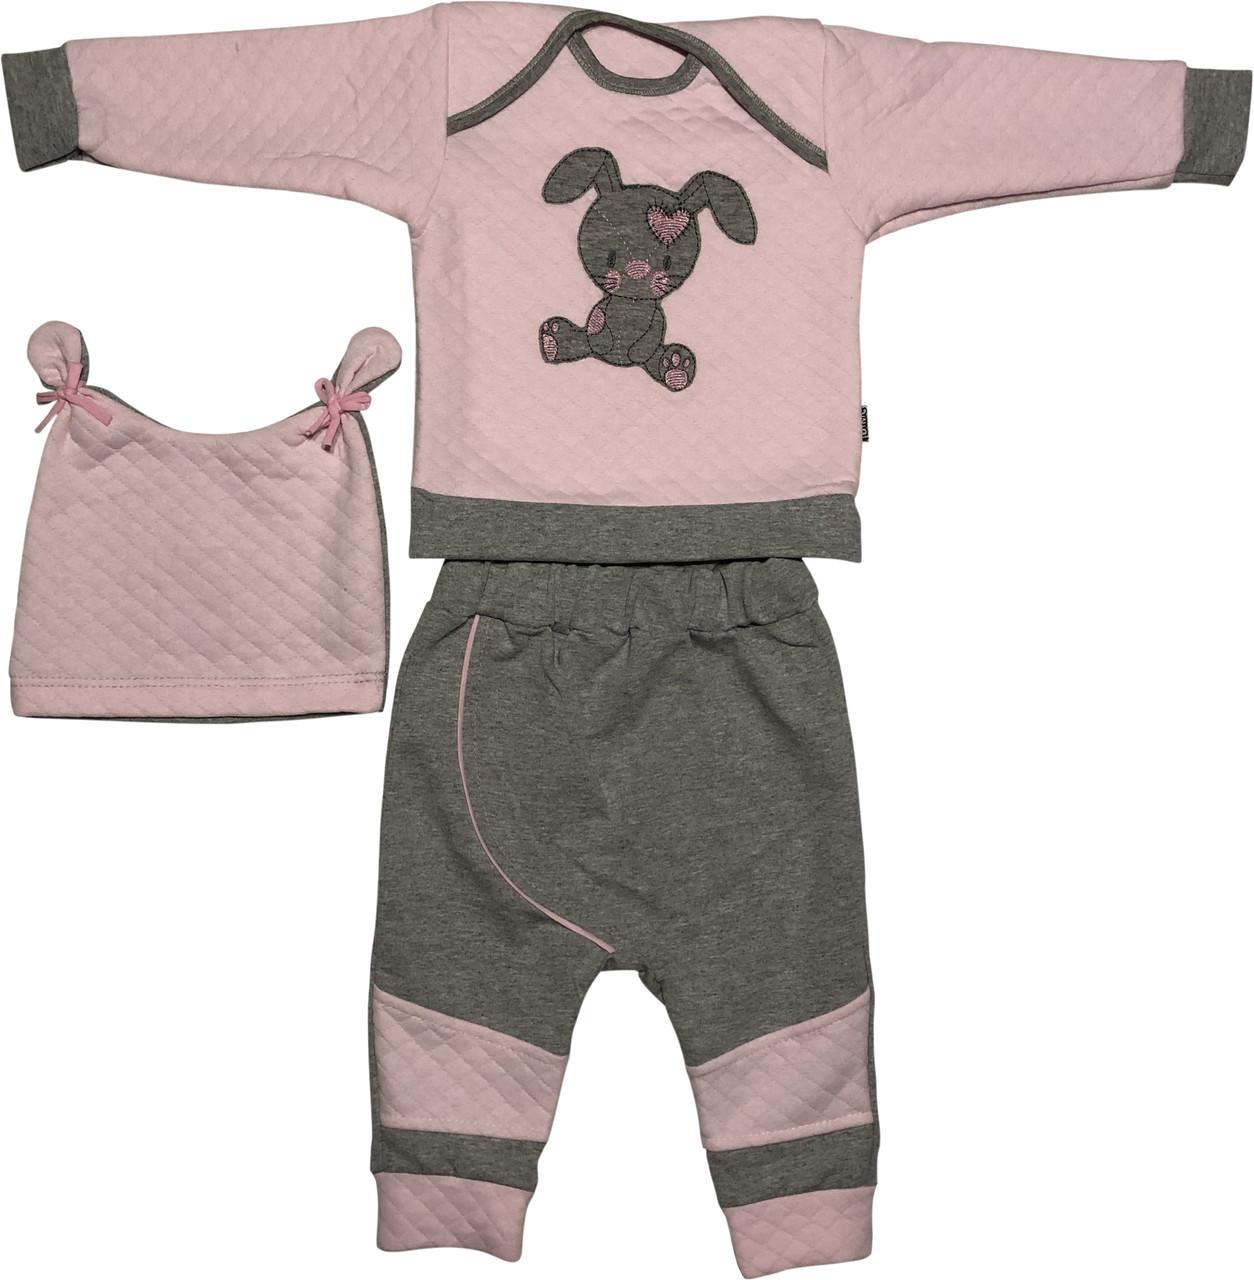 Дитячий костюм ріст 68 3-6 міс трикотажний капітон рожевий костюмчик на дівчинку комплект для новонароджених